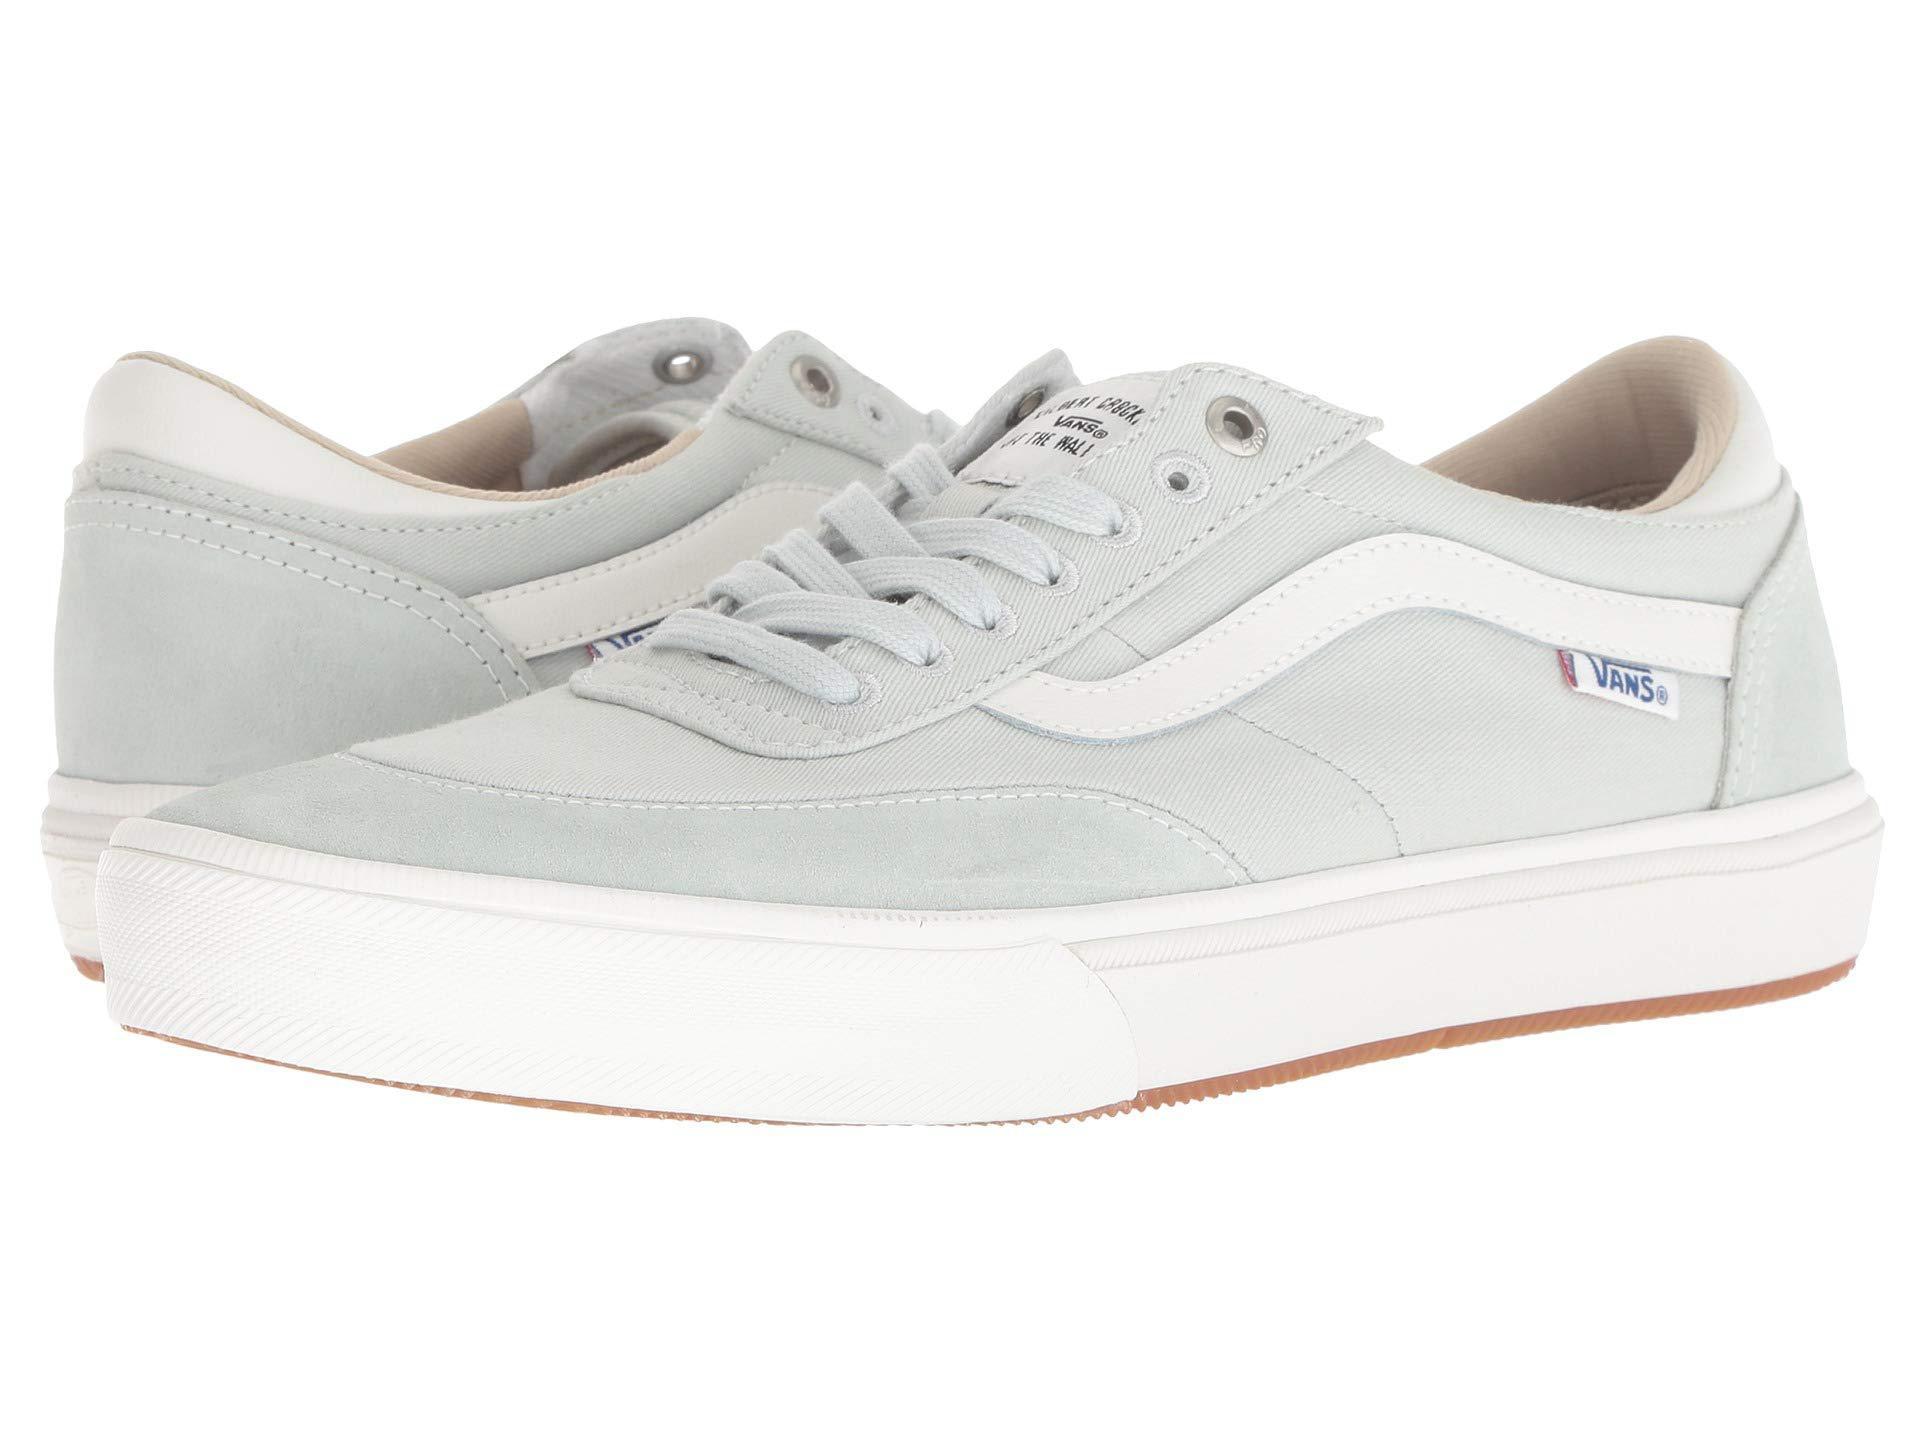 ef9873b0111b Vans - Multicolor Gilbert Crockett Pro 2 (black white) Men s Skate Shoes  for. View fullscreen